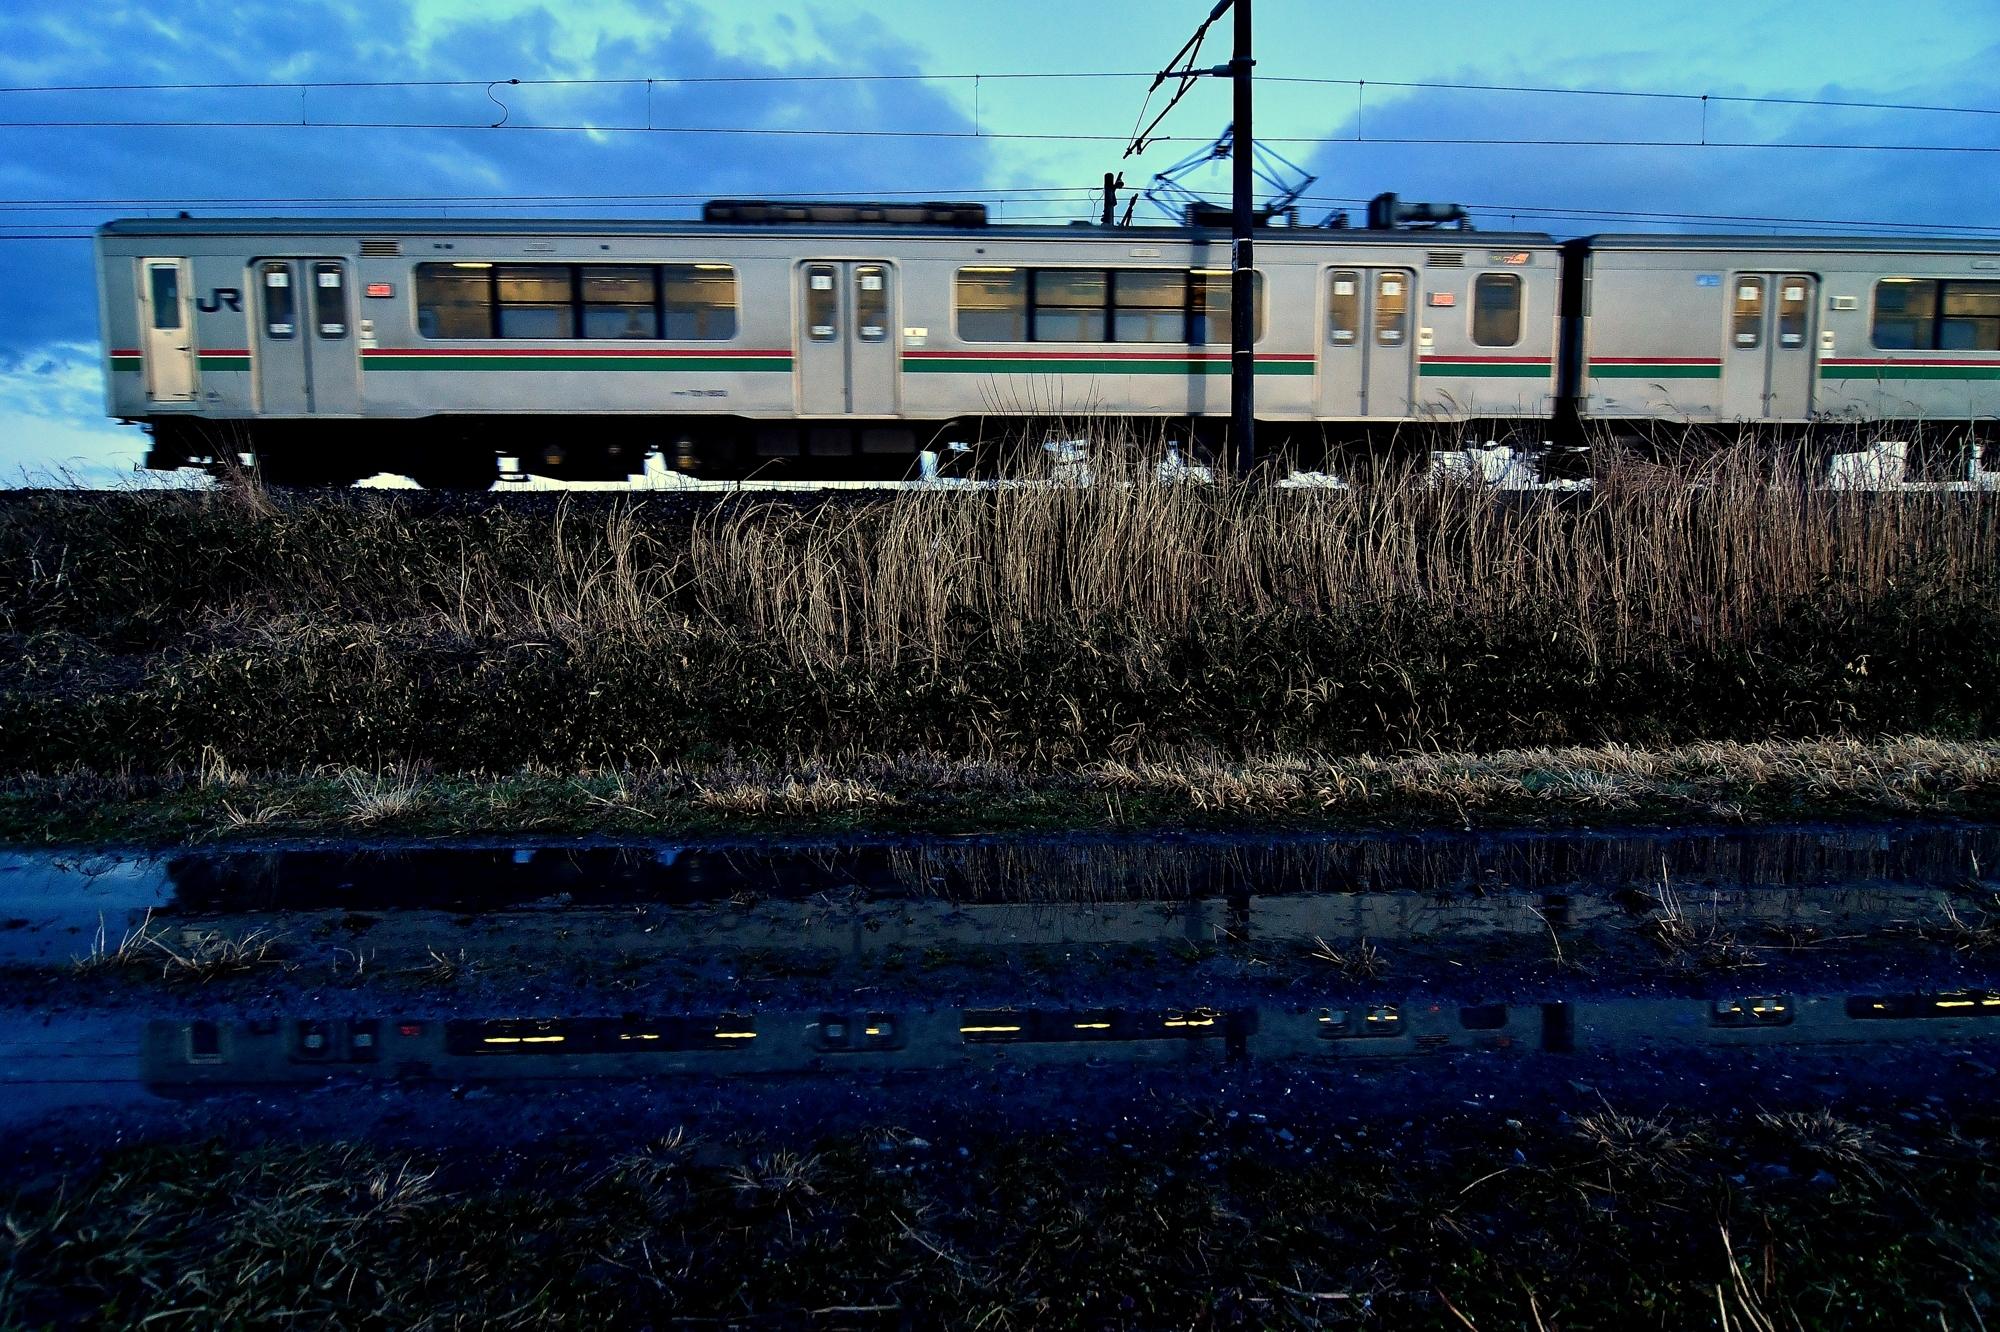 DSC_4806-2gs.jpg